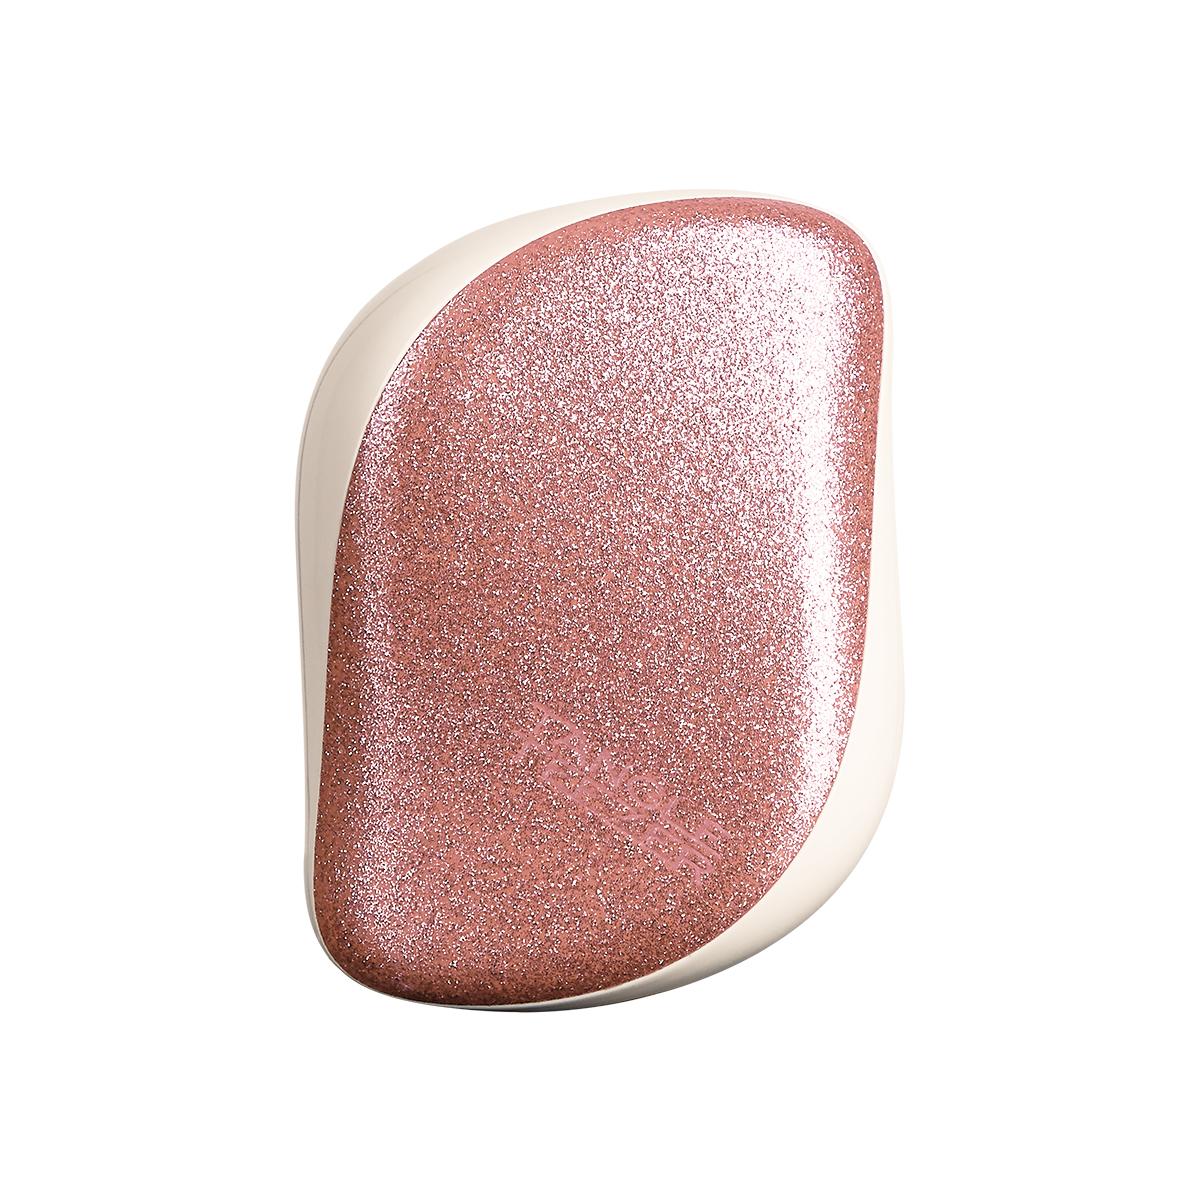 TANGLE TEEZER Расческа для волос / Compact Styler Rose Gold Glaze